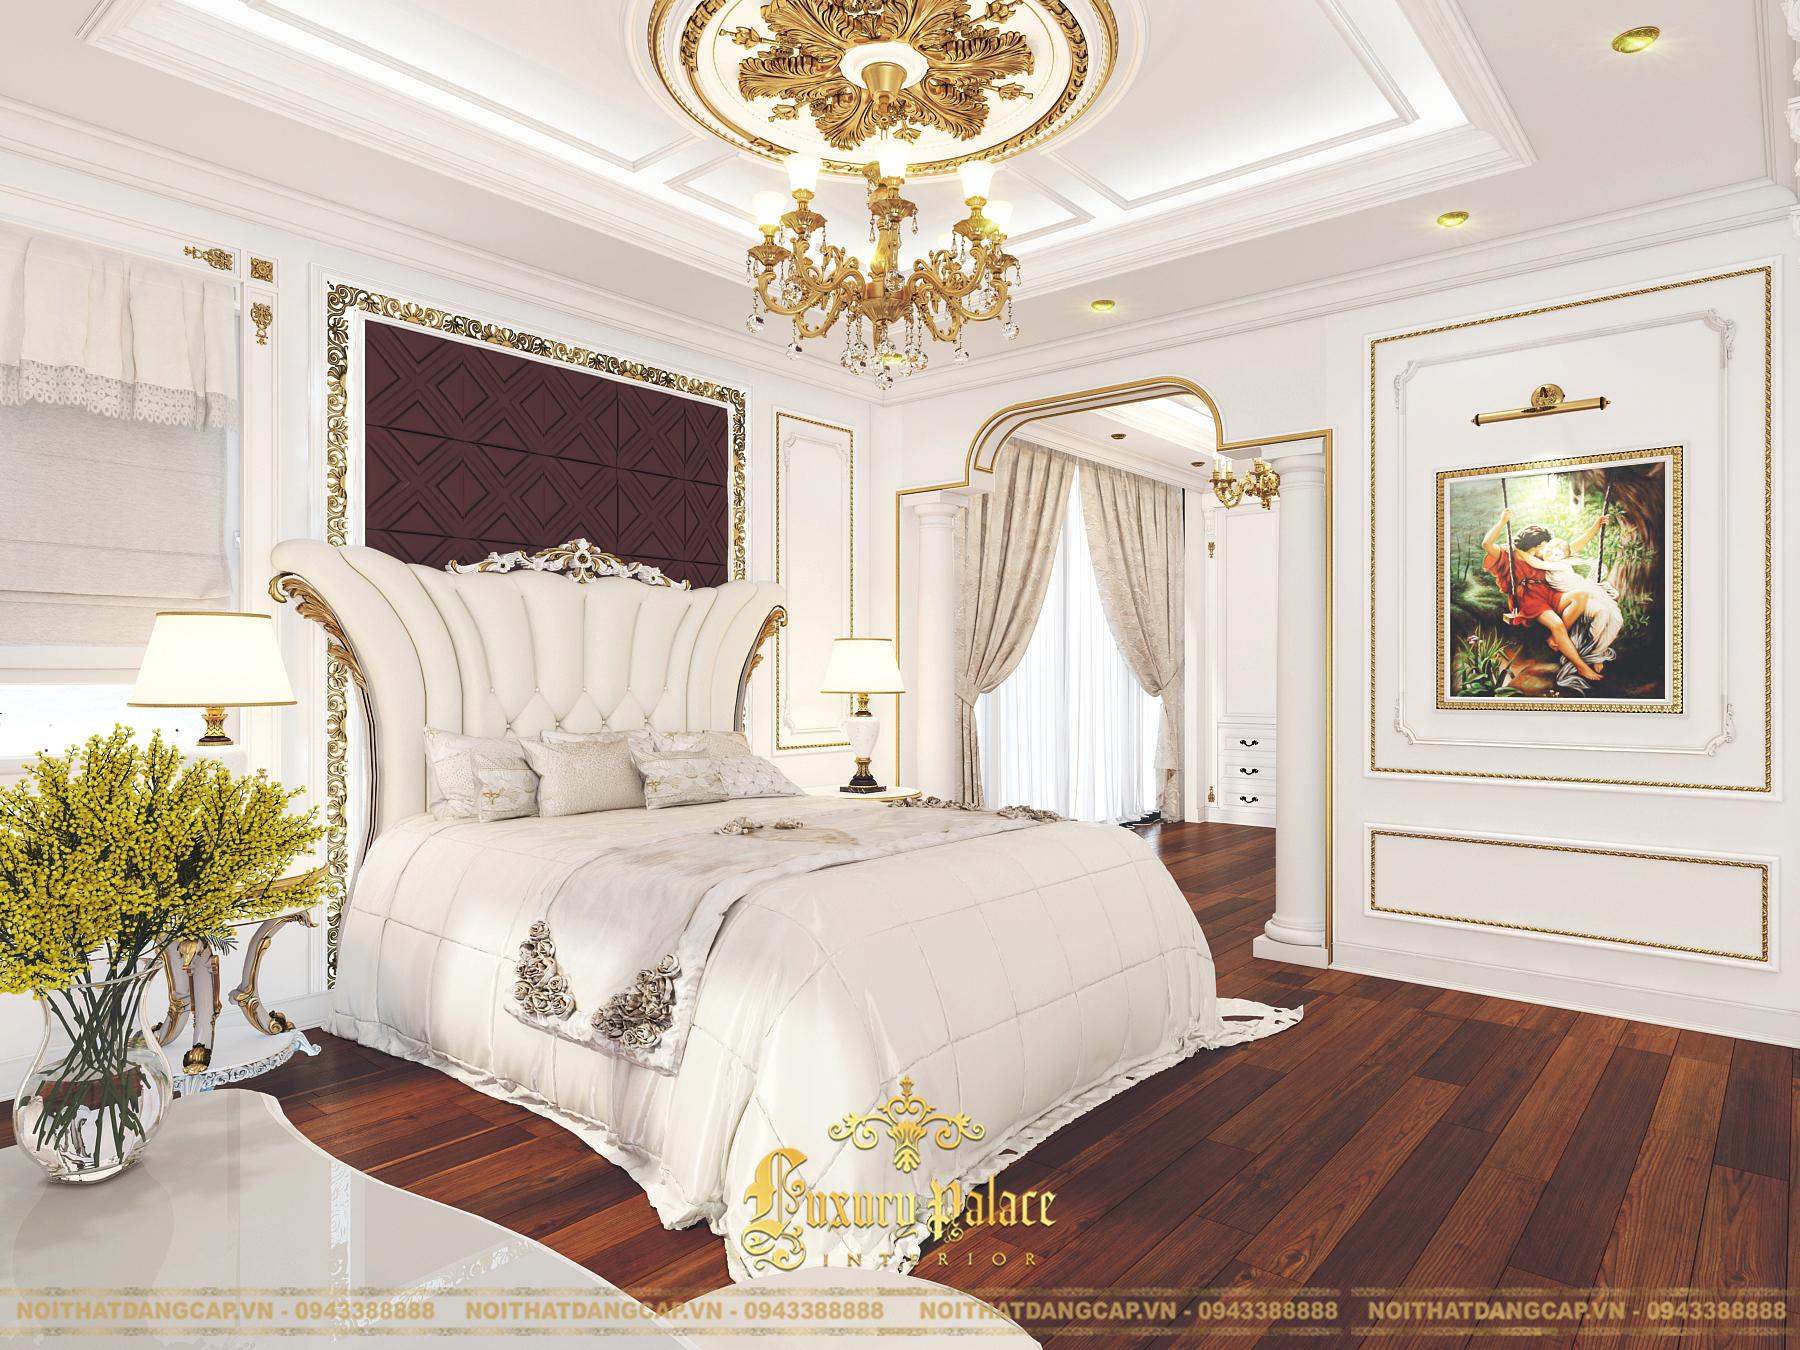 Mẫu thiết kế phòng ngủ phong cách tân cổ điển châu Âu 7